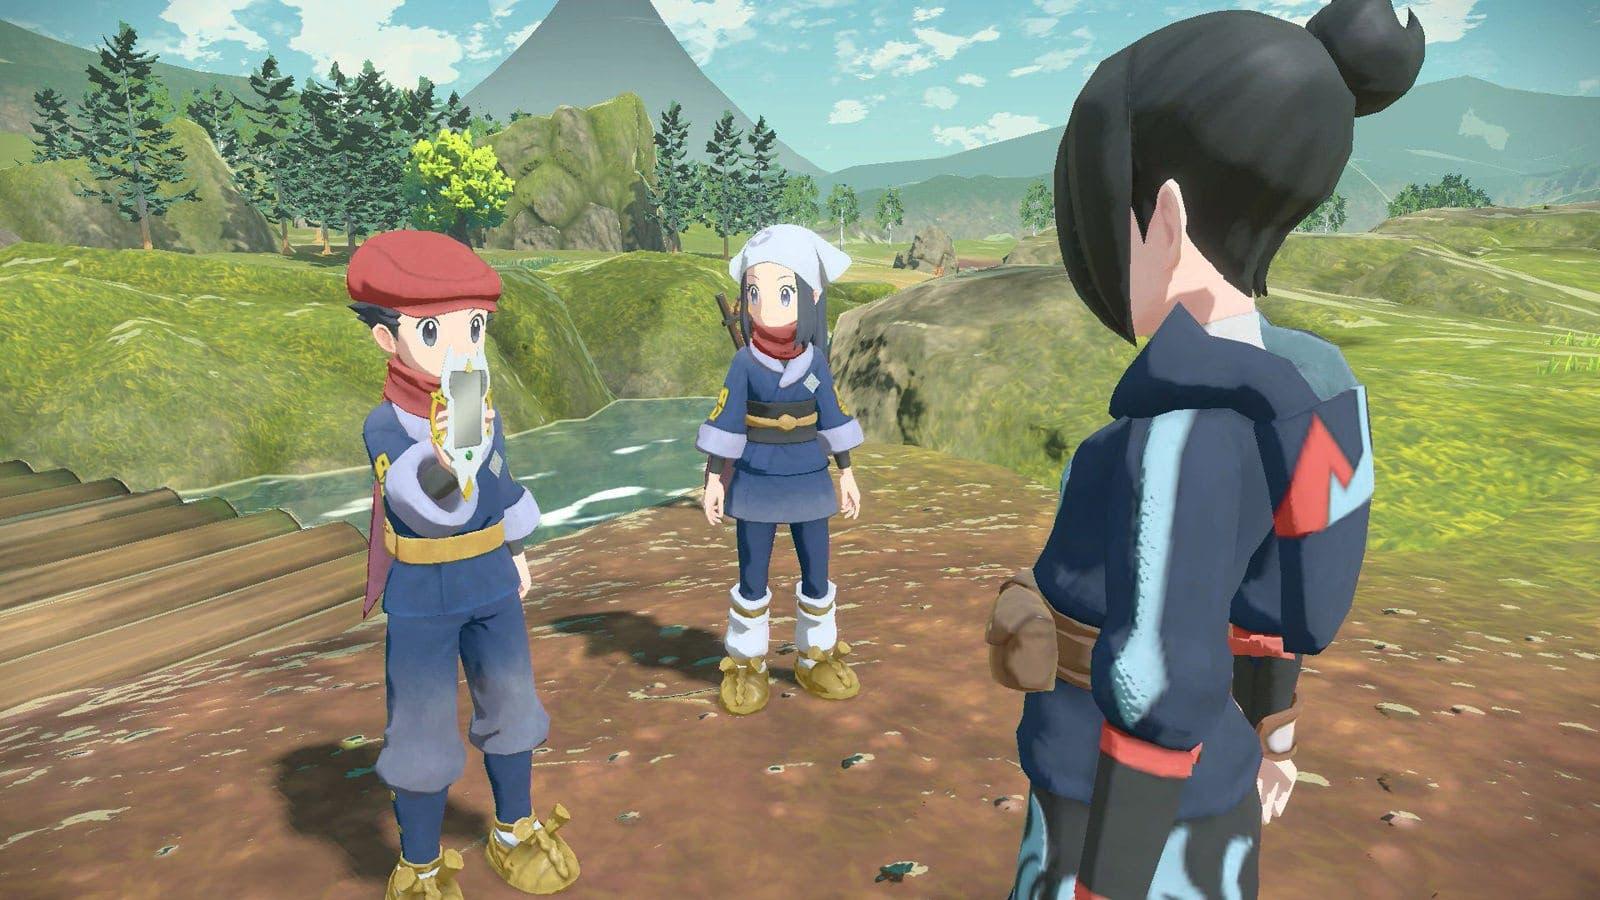 Leyendas Pokémon: Arceus: Detalles sobre los alfas, combates contra personas, Móvil Arceus y más